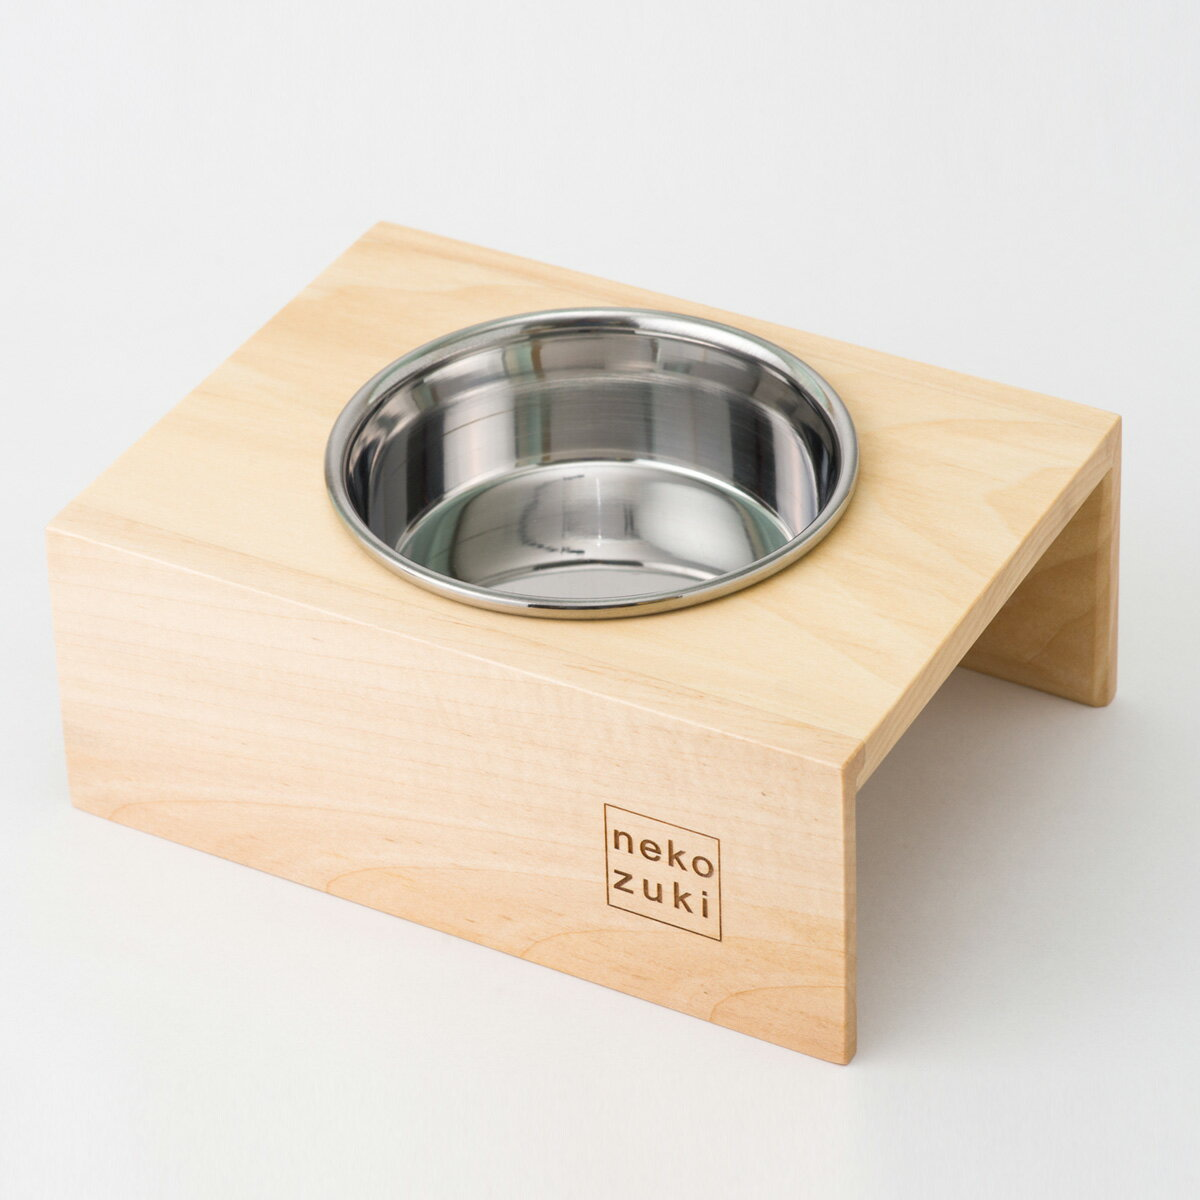 食器台 まんま台 猫 hole 国産 ステンレス食器 シングル